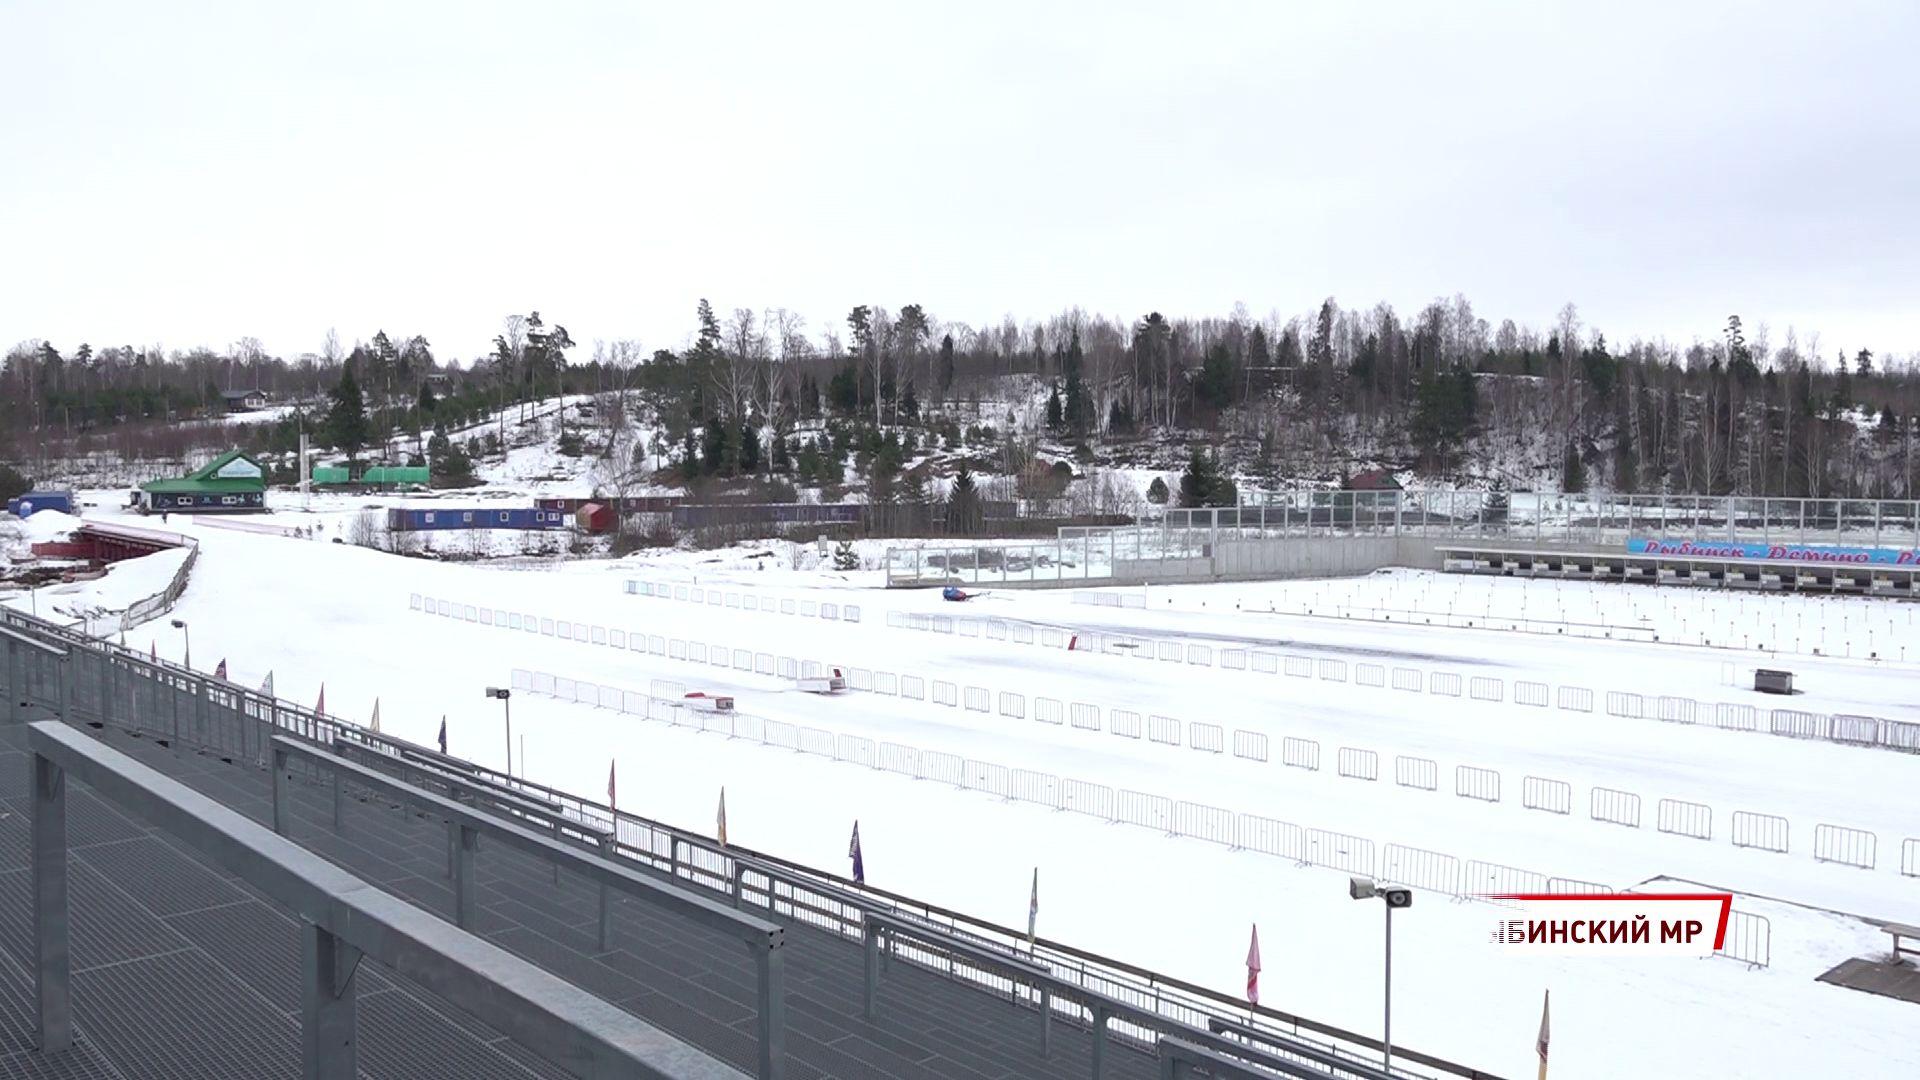 В регионе пройдет крупнейший лыжный марафон России: как готовят трассу в Демино?